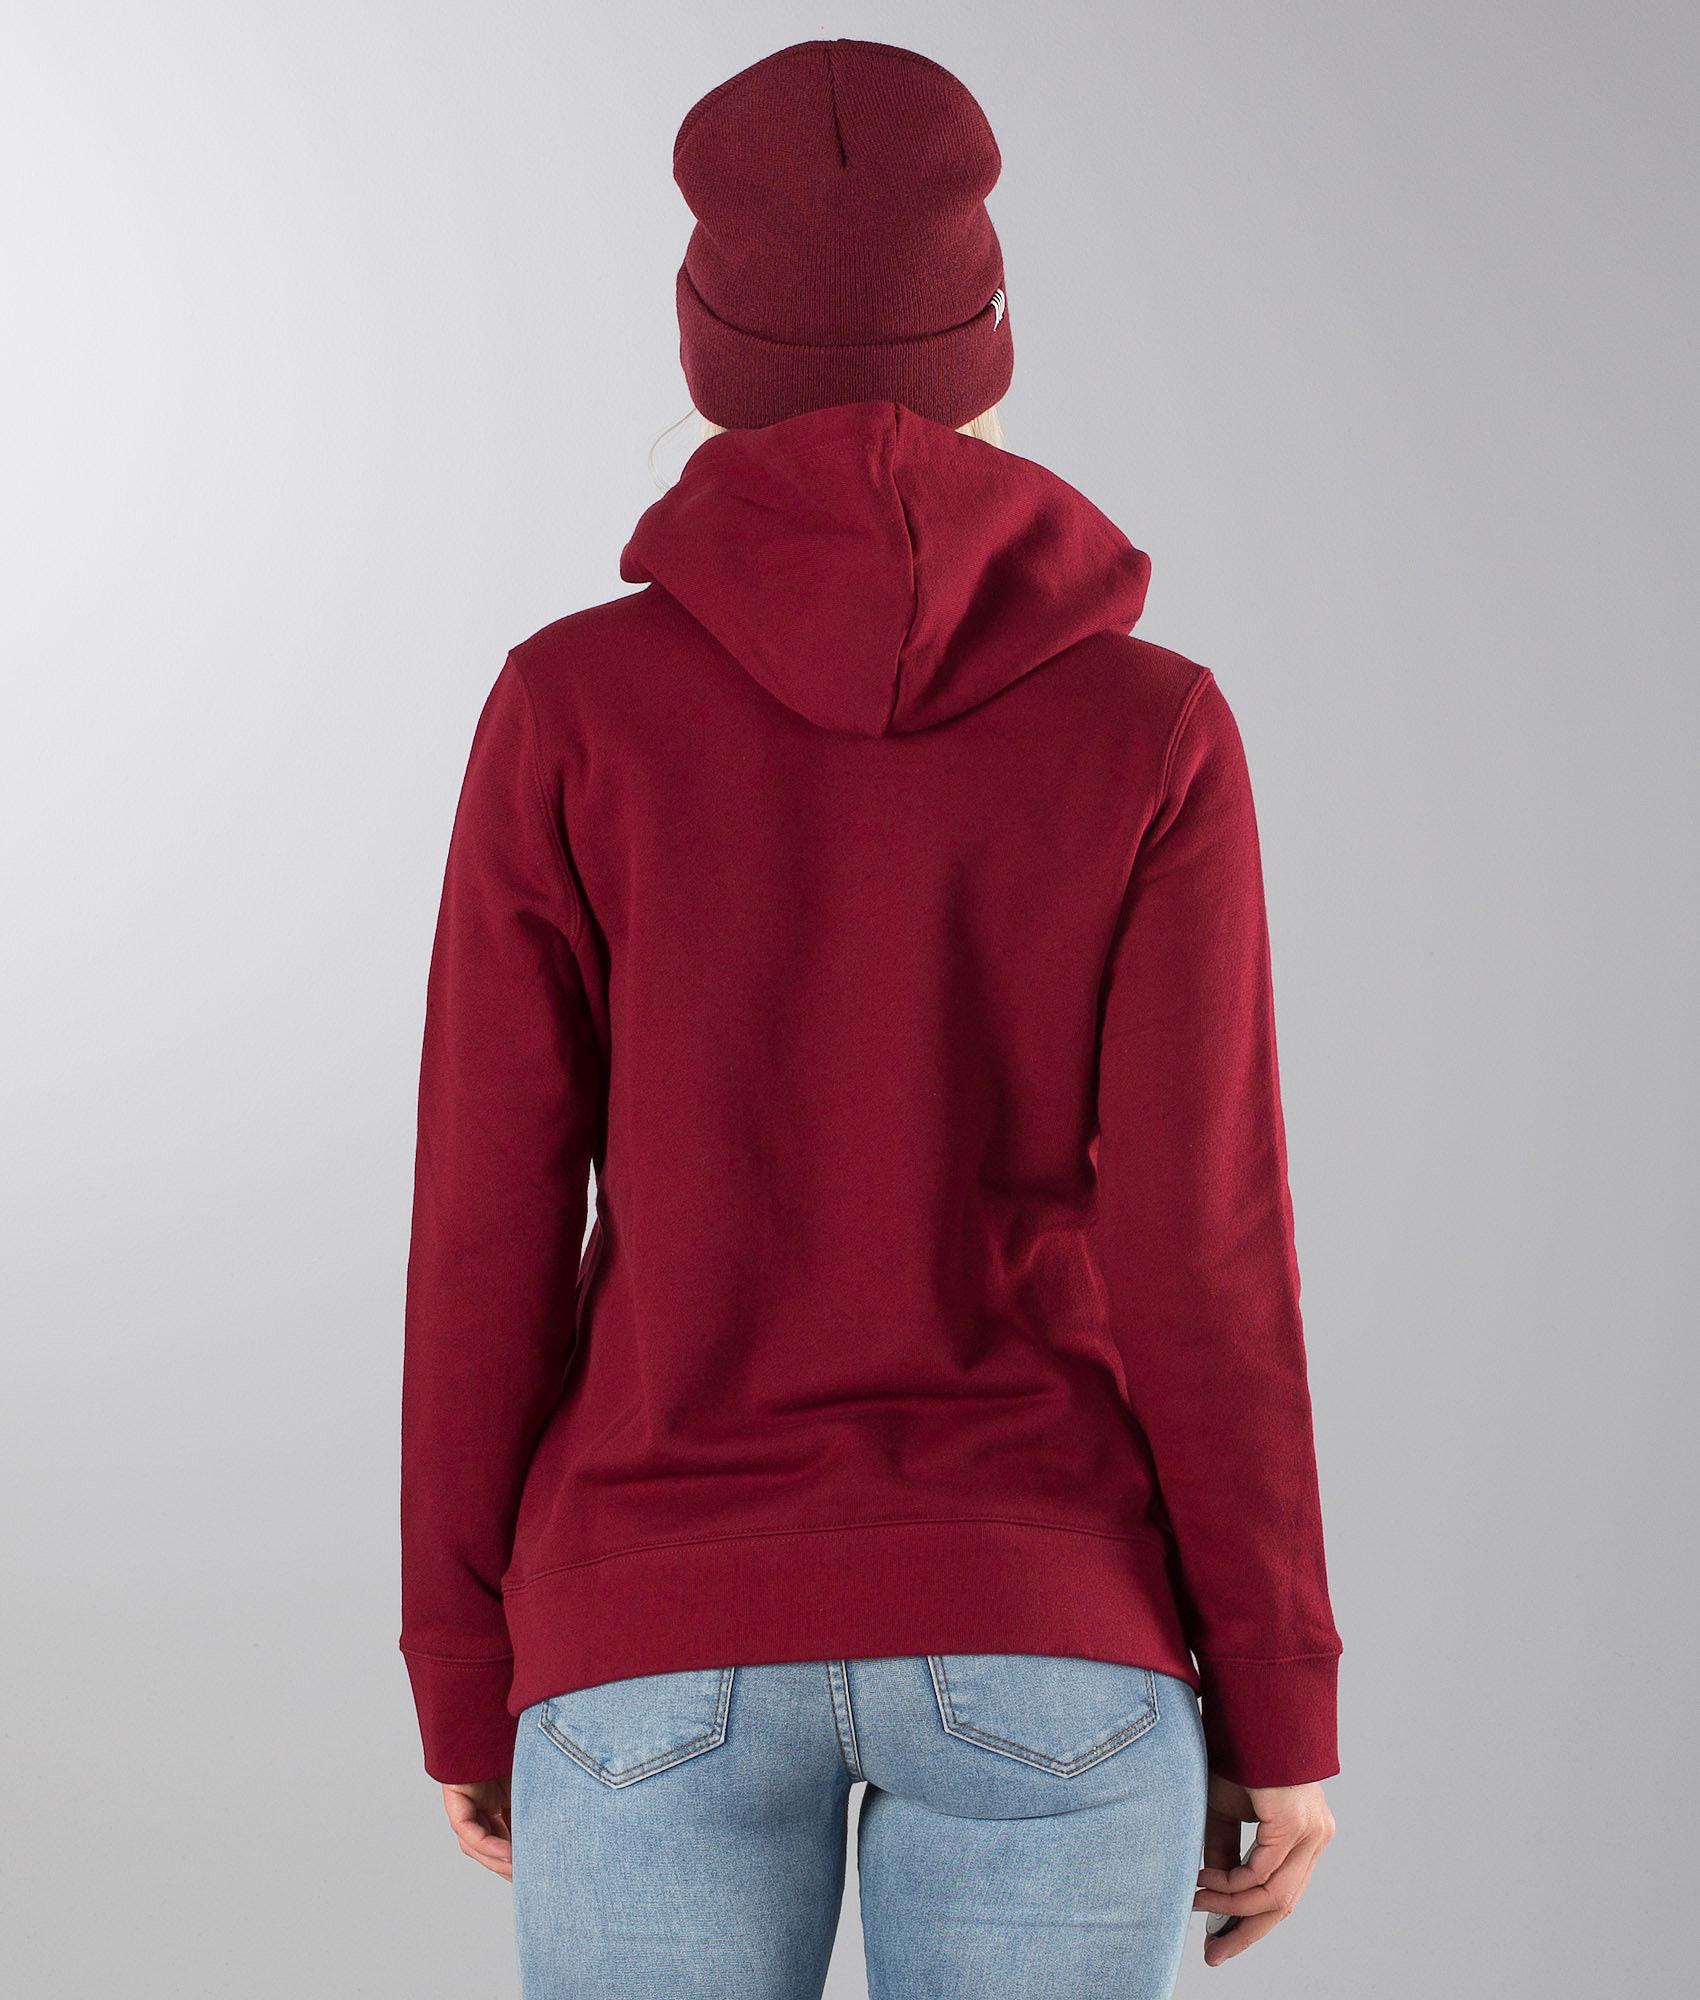 Adidas Originals Trefoil Hood Collegiate Burgundy - Ridestore.com 7b4e56c8f7